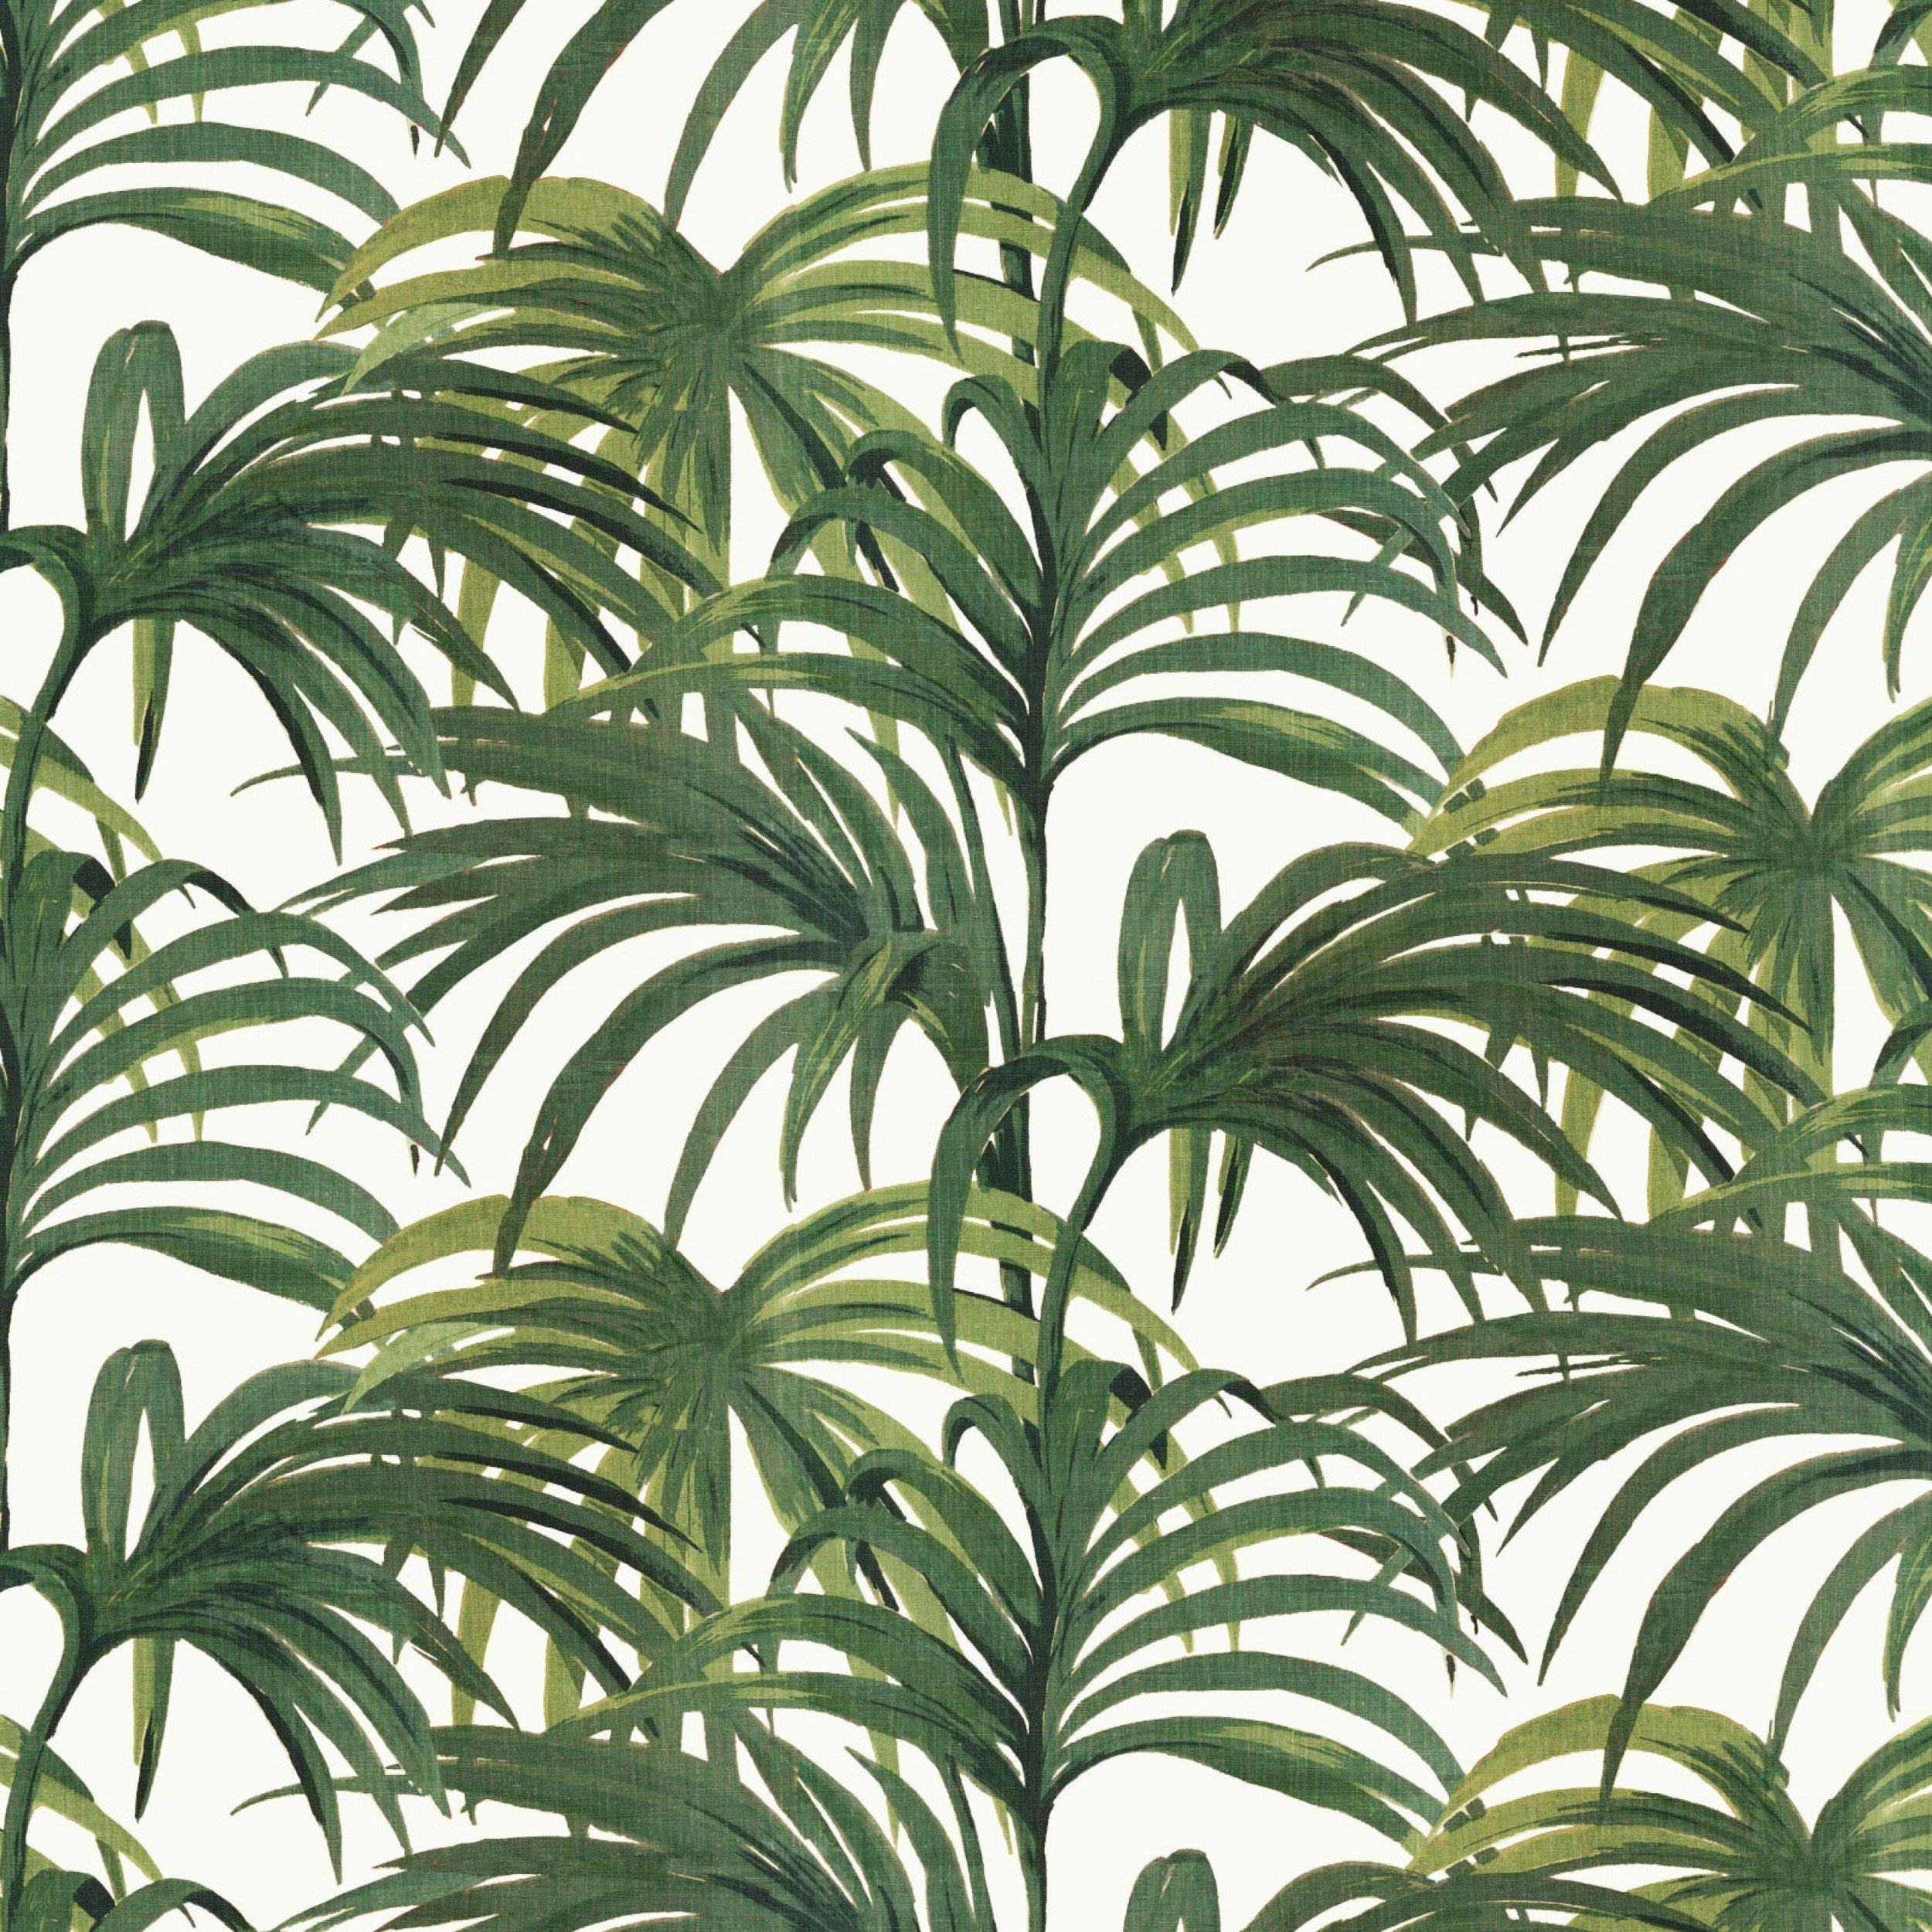 palmeral-linen-white-bg2.jpg